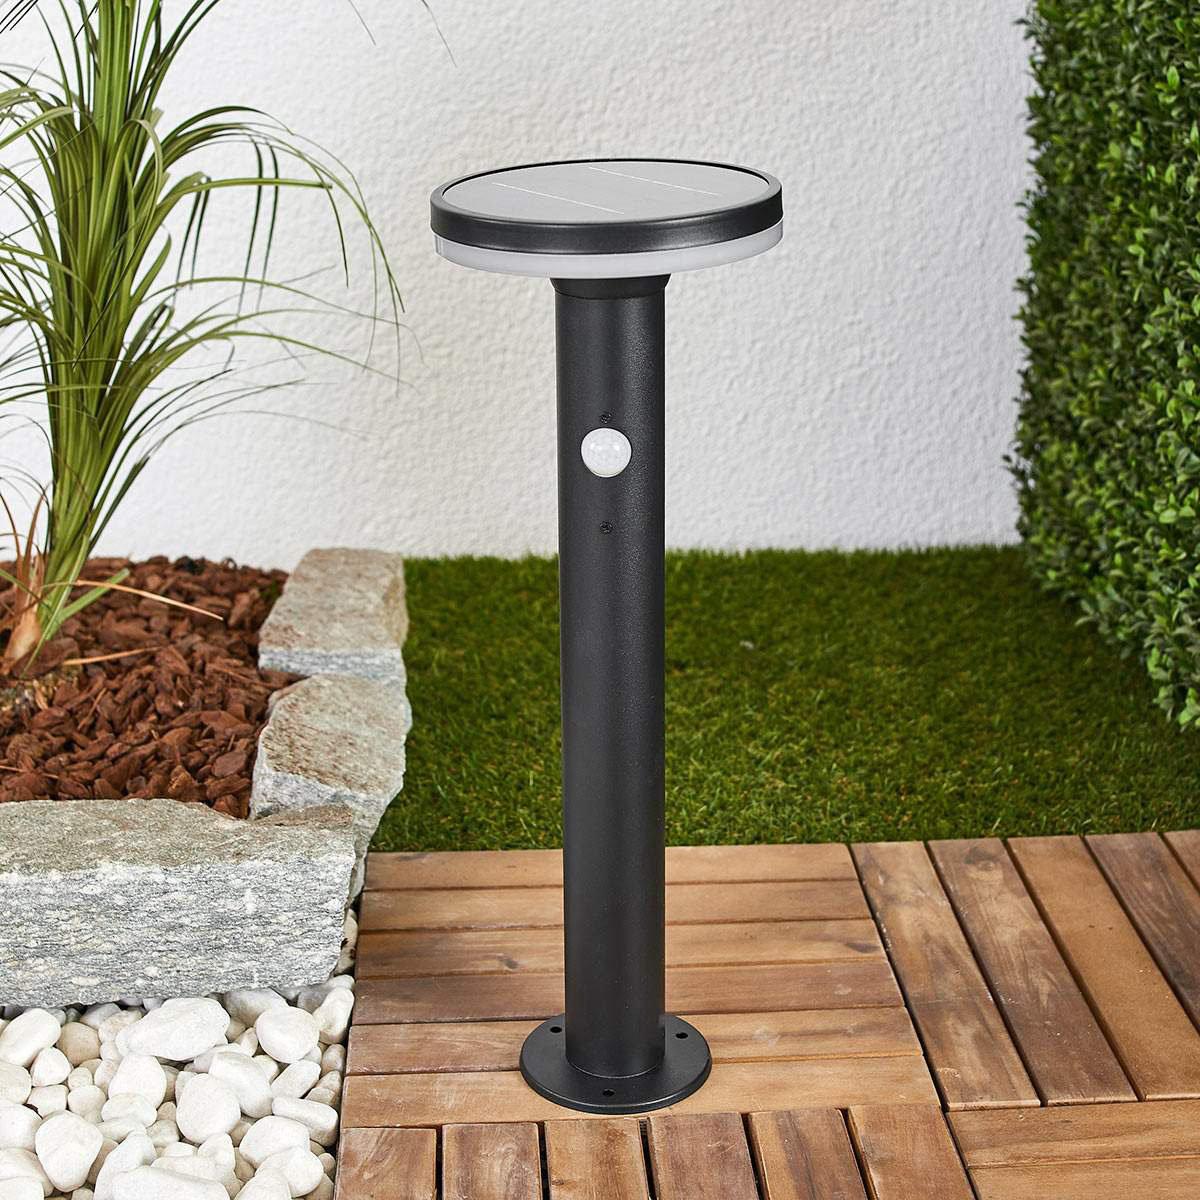 Solar-Sockellampe Eliano mit Bewegungsmelder, 45,5x16x16 cm, Edelstahl, schwarz   #2